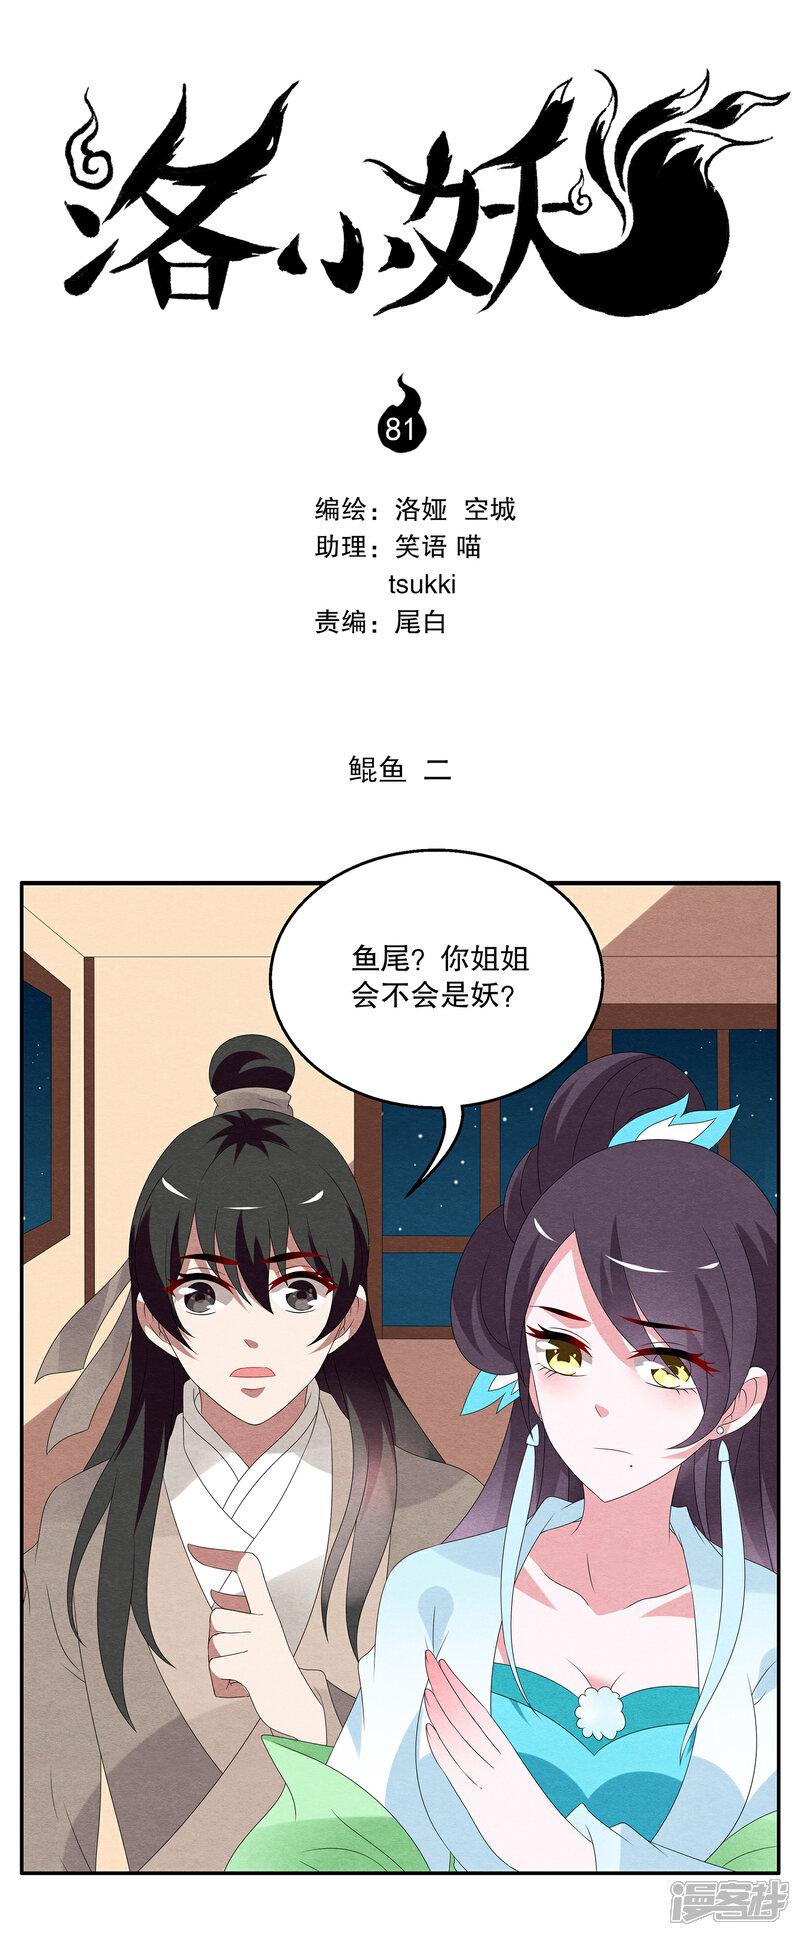 洛小妖81820001-1.JPG